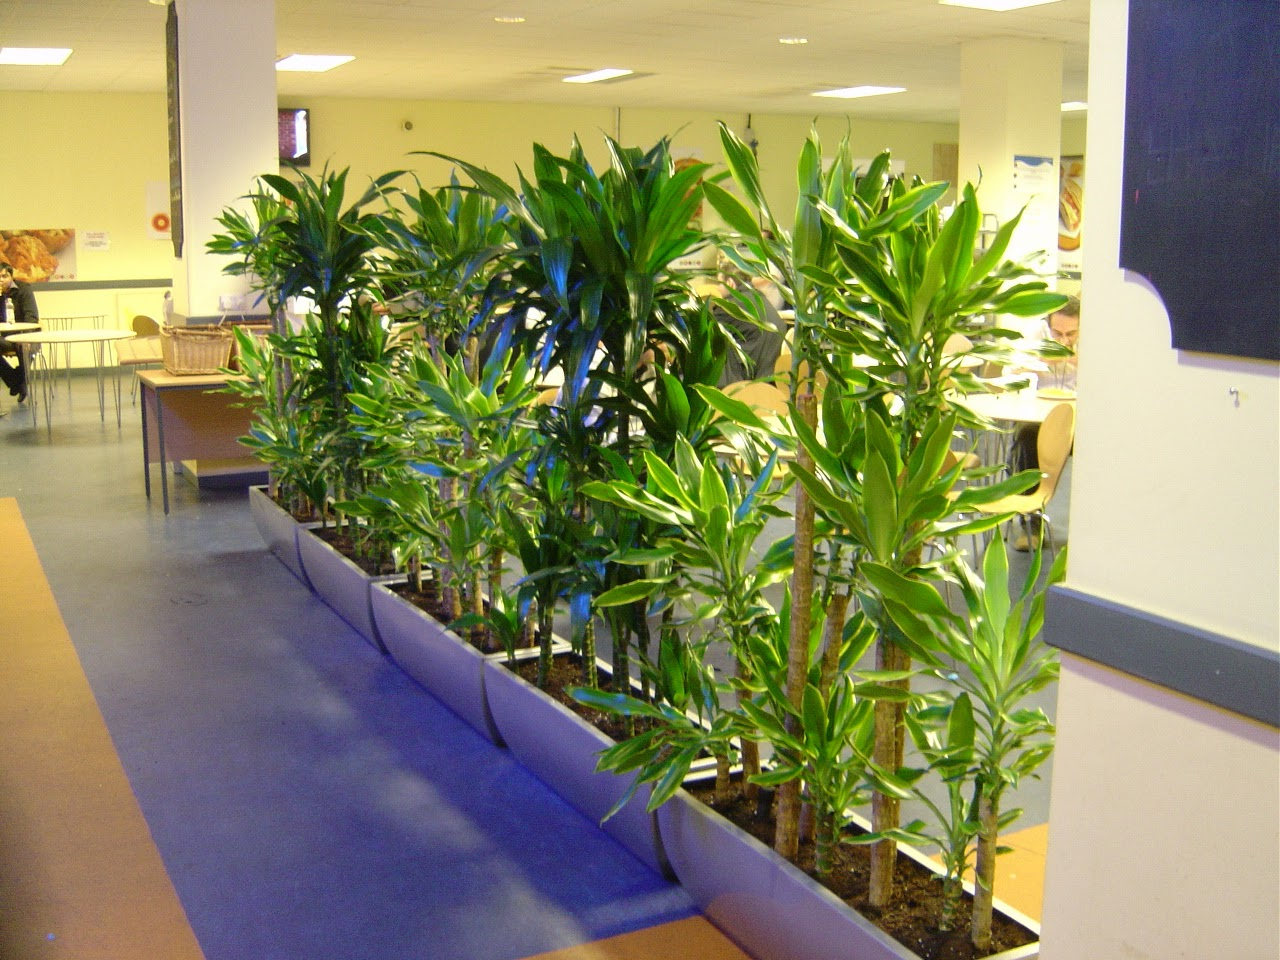 Fitorremediaci n del aire interior las plantas sobre el - Plantas del interior ...